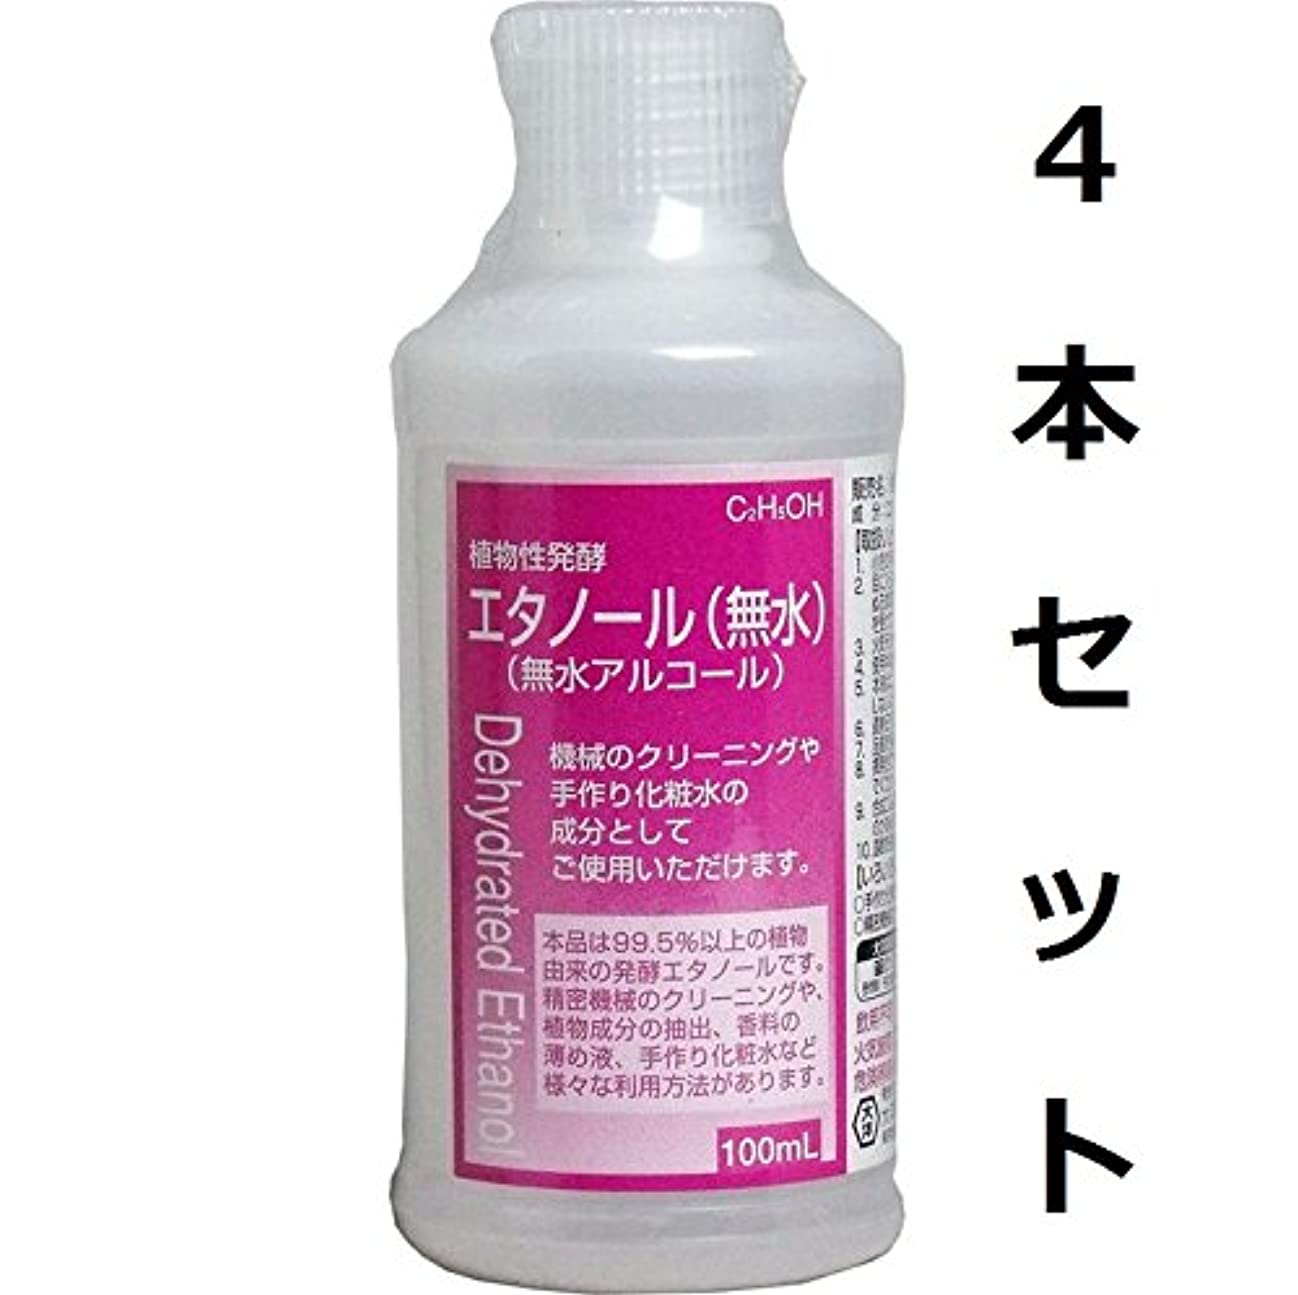 より多い極地ブロー手作り化粧水に 植物性発酵エタノール(無水エタノール) 100mL 4本セット